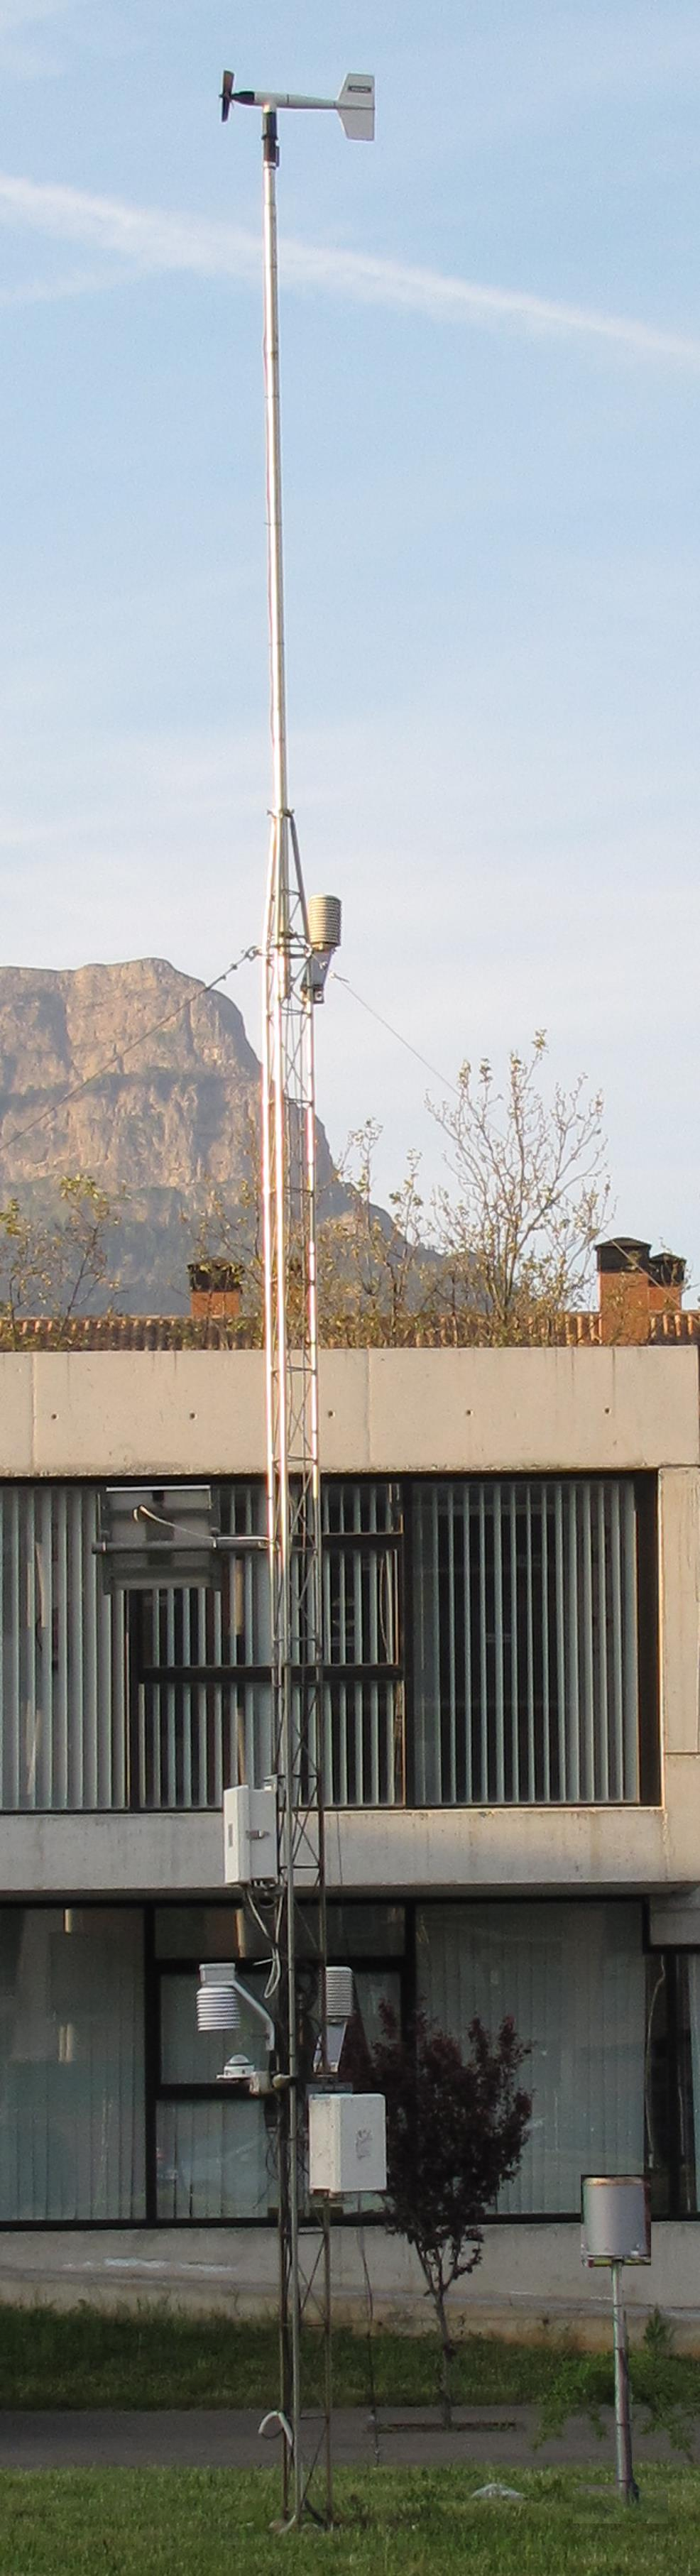 Estacion Meteorológica Jaca